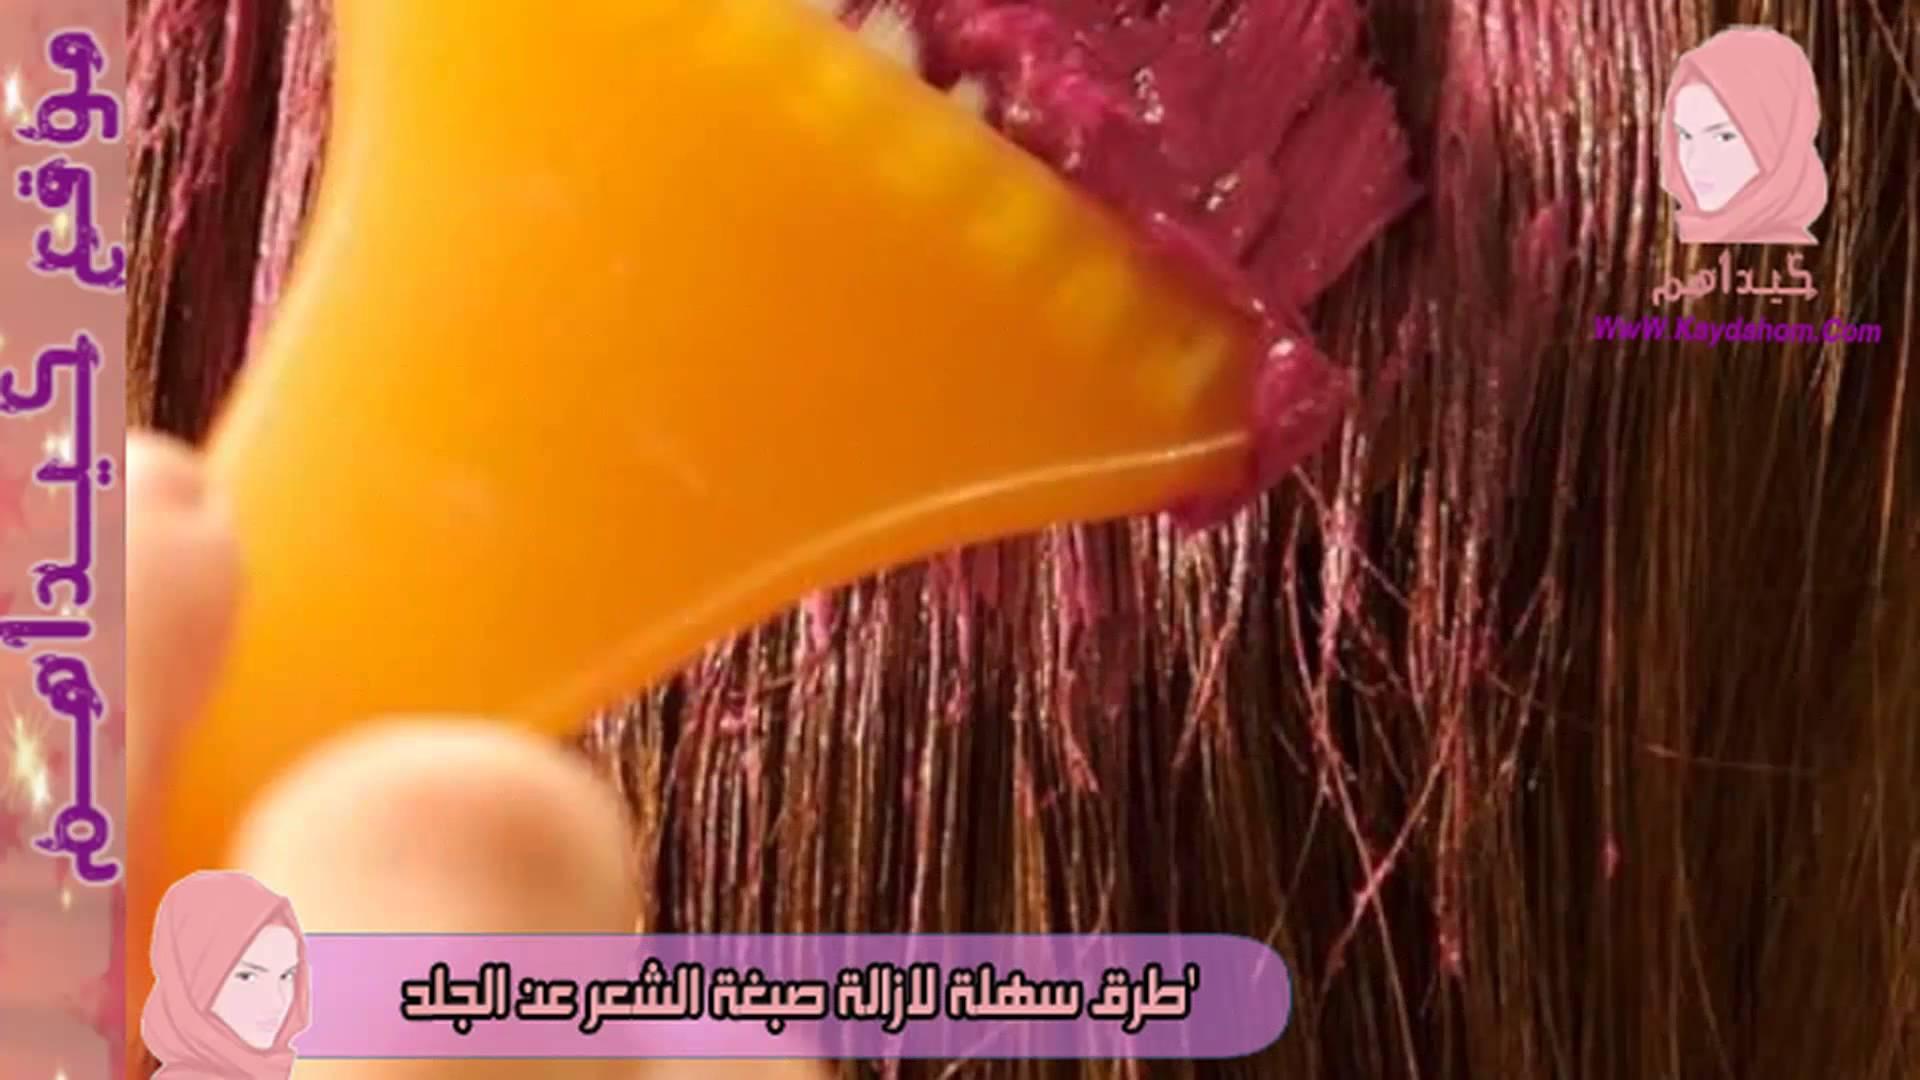 صورة كيفية ازالة صبغة الشعر من الجلد , ذلك المنتج المنزلي يقضي بسرعة على بقع صبغات الشعر